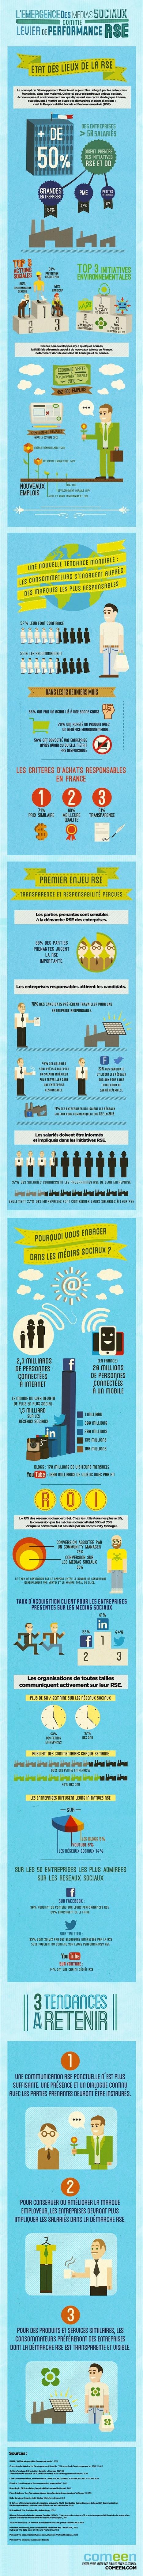 [Infographie] Réseaux sociaux: quel intérêt pour une communication RSE? - FrenchWeb.fr | Infographies social media | Scoop.it